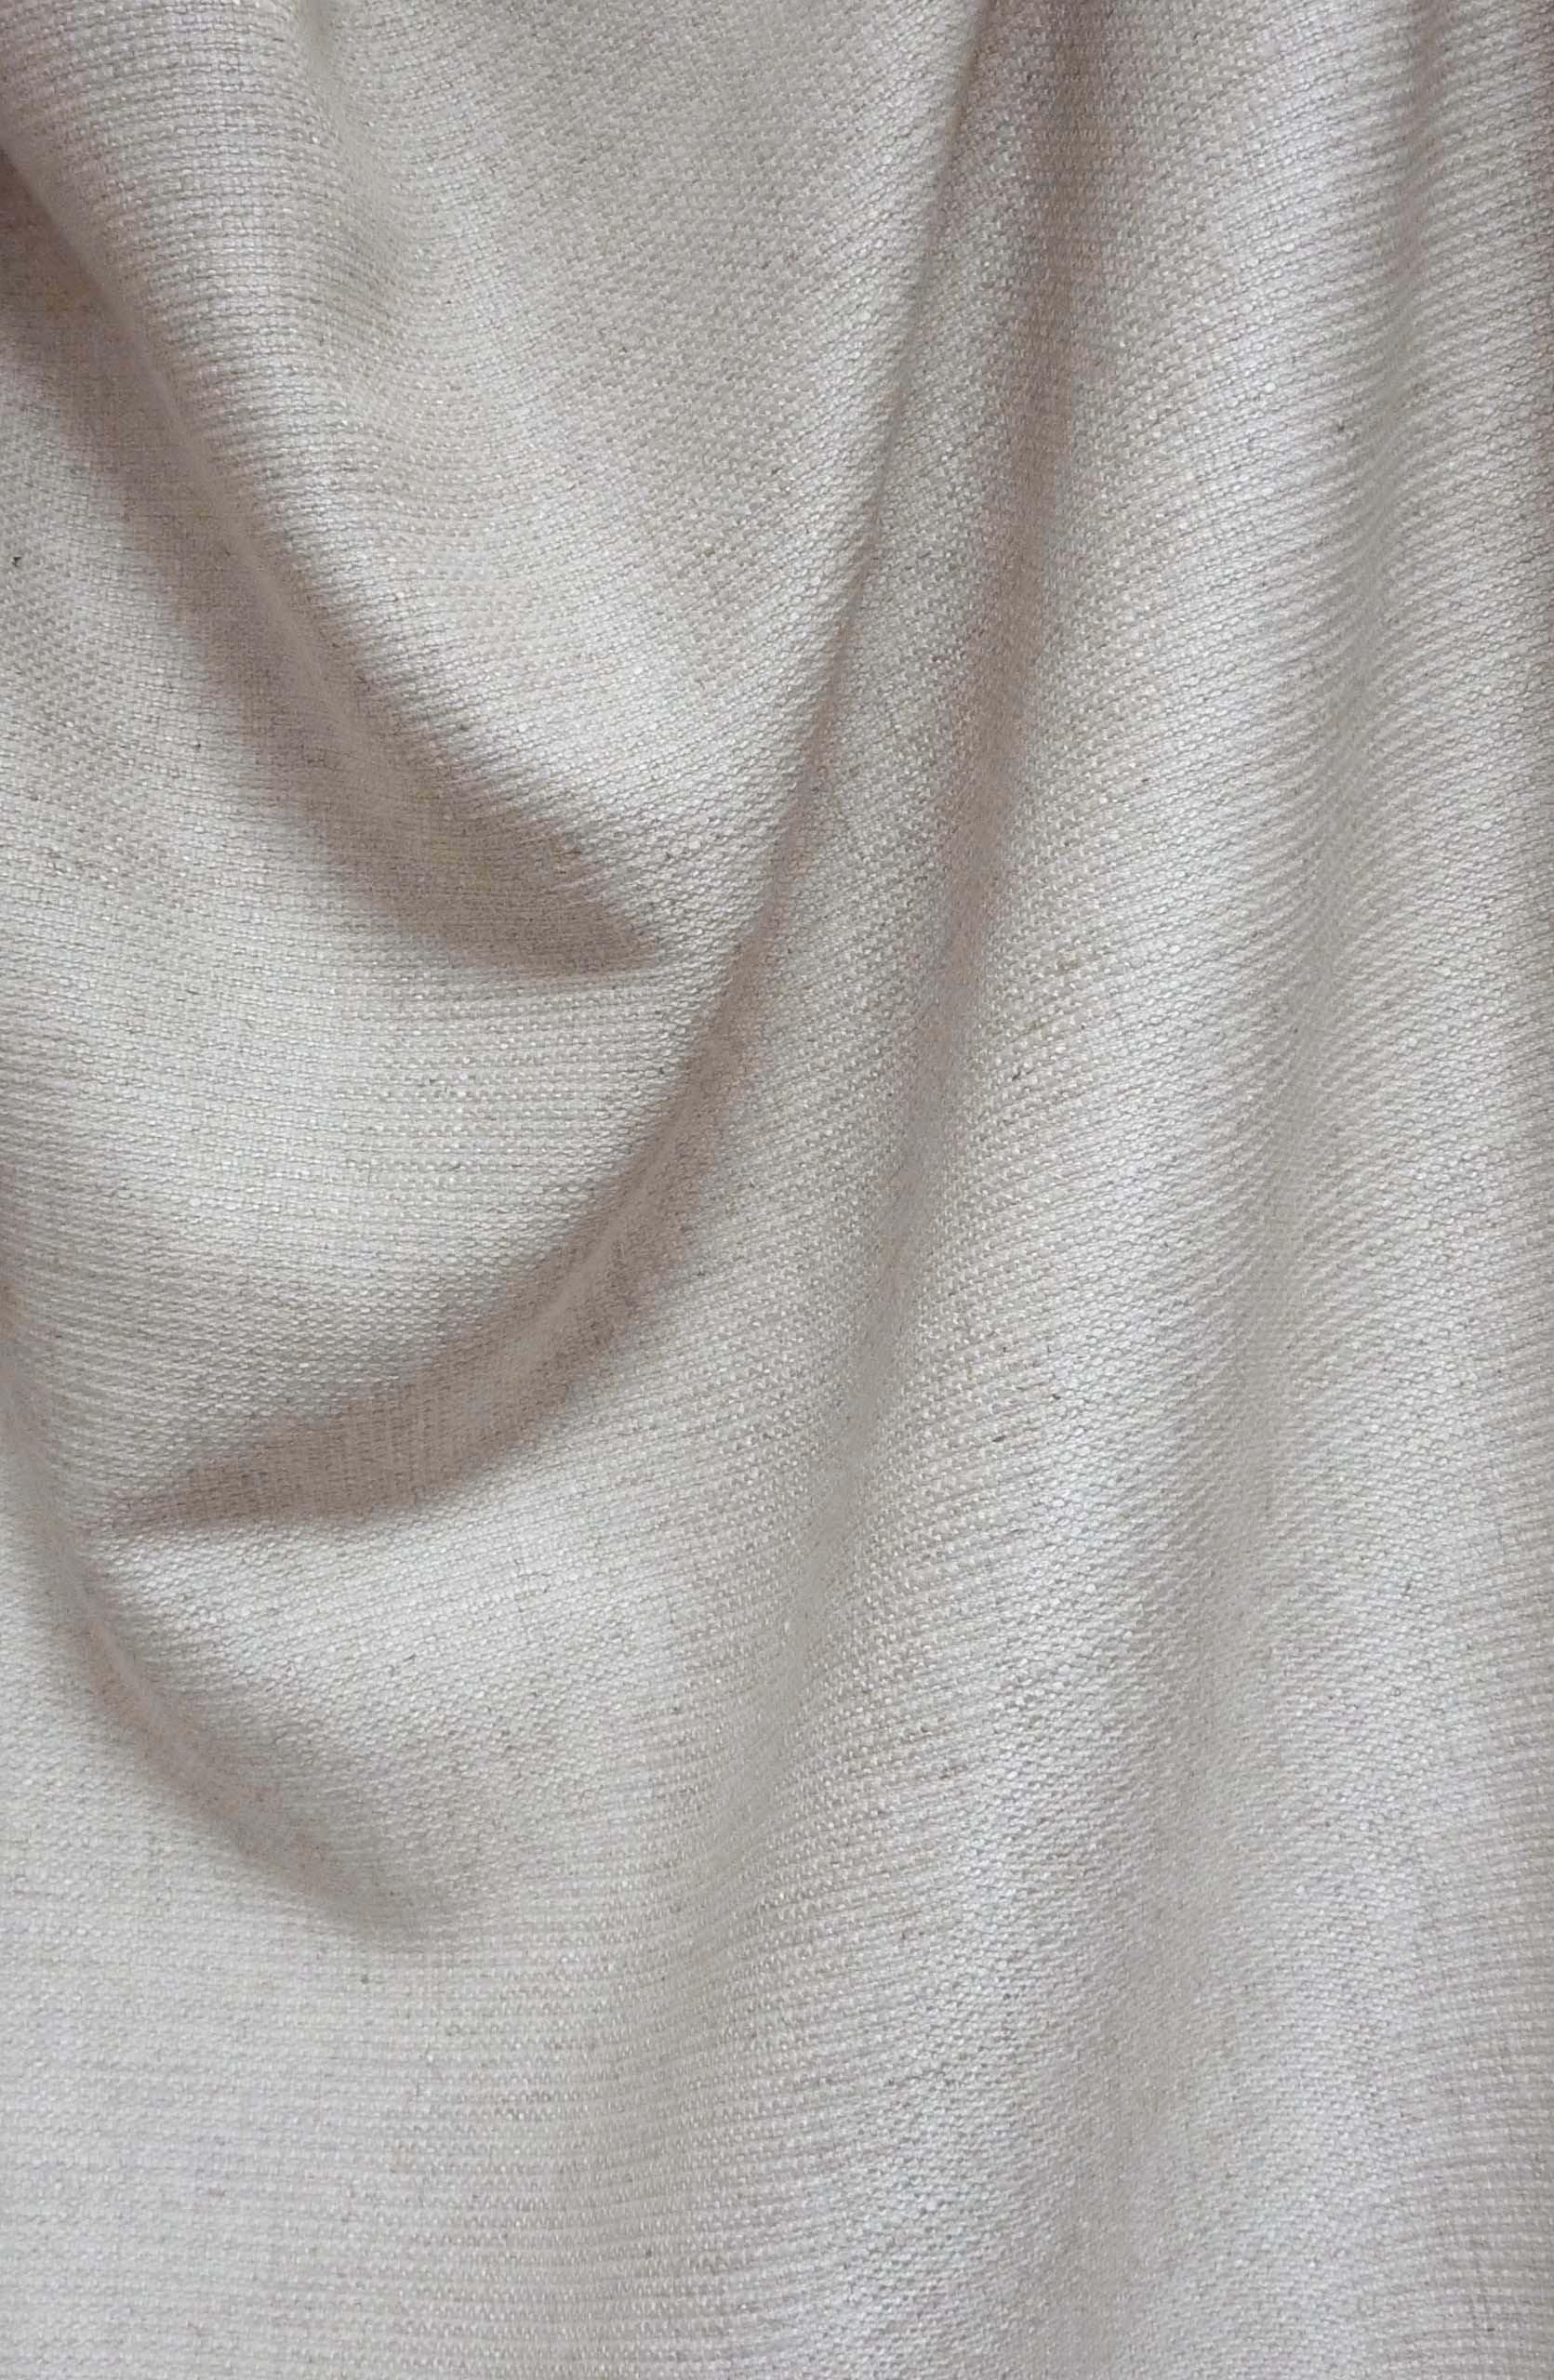 Tissu Siphnos de Lelièvre référence 0524